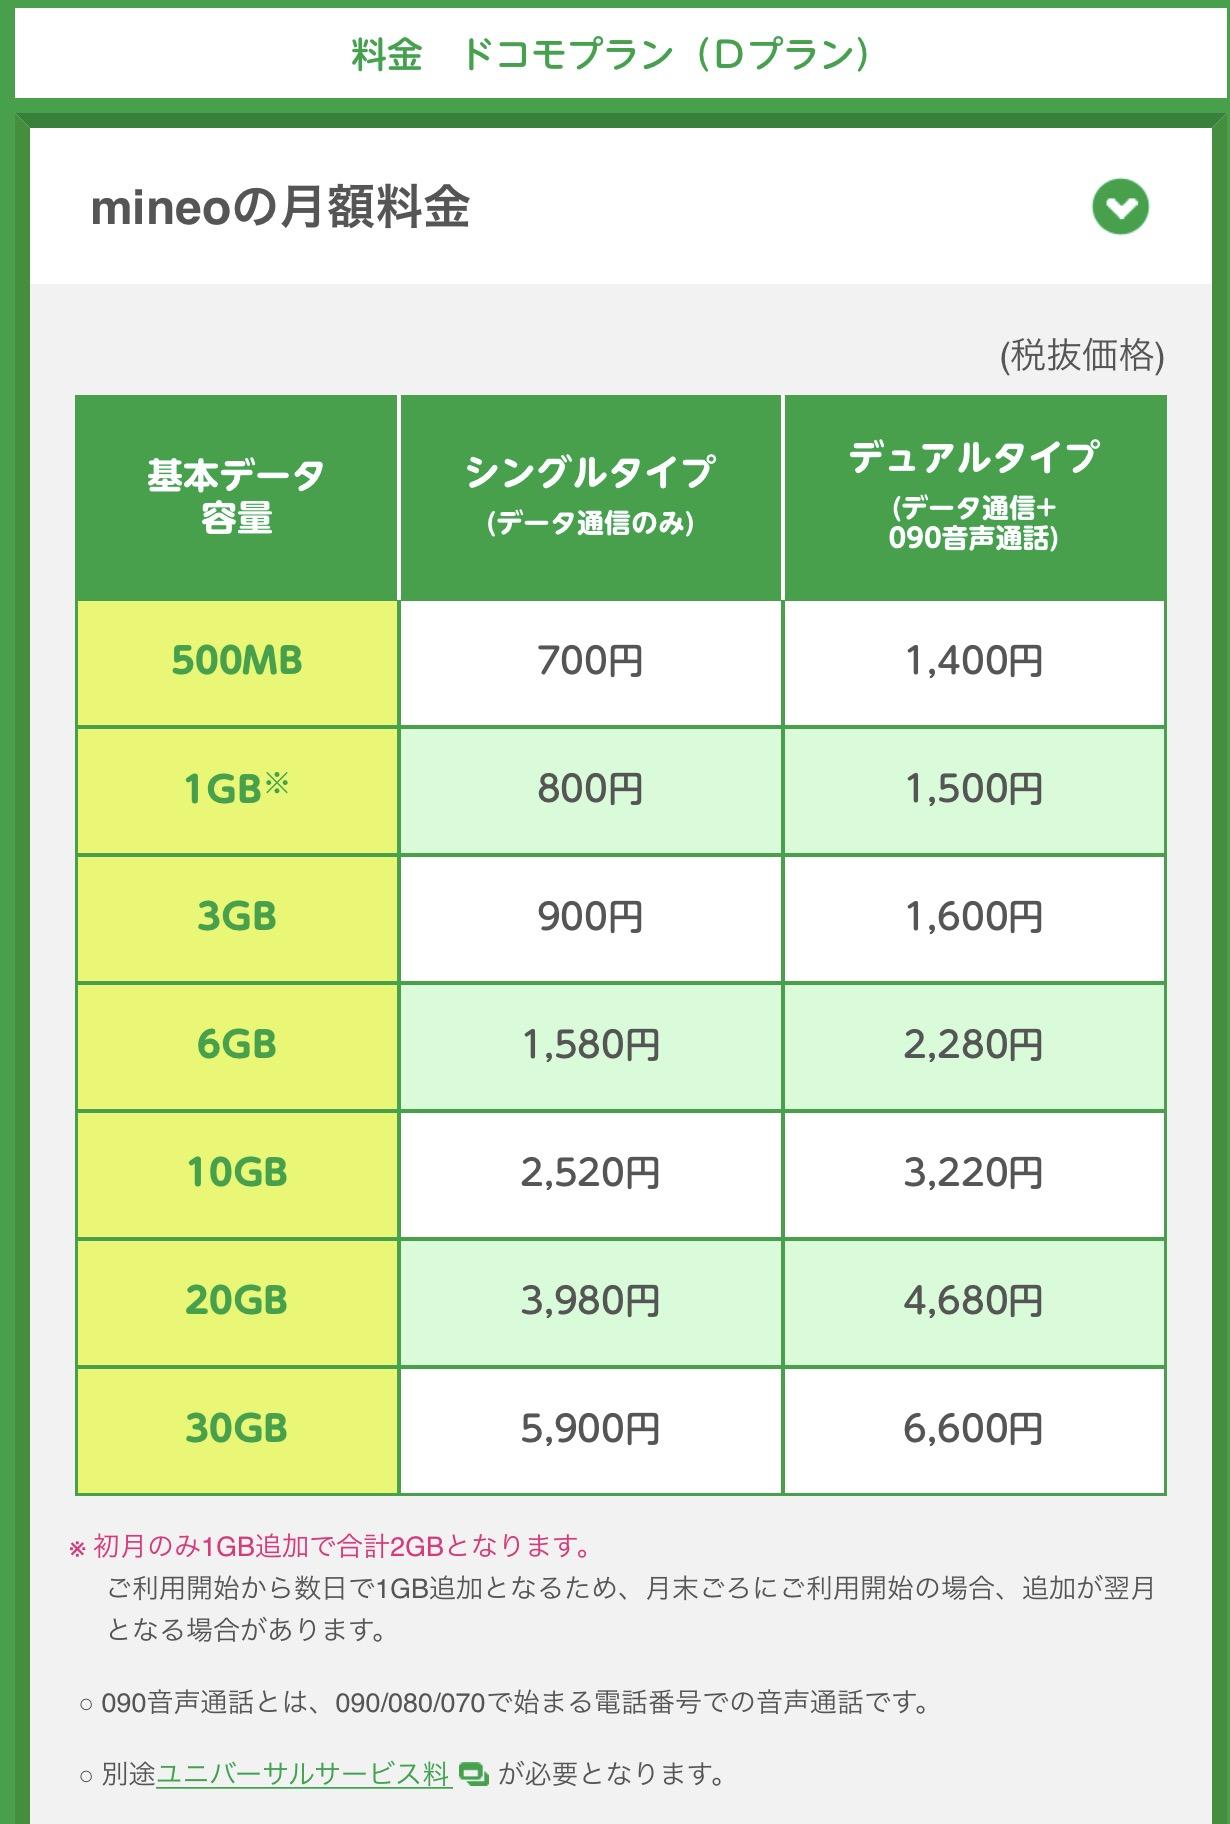 【格安SIM初心者の方へ】格安SIMのmineoに変更したらいくら安くなるのか調べてみた~その2~